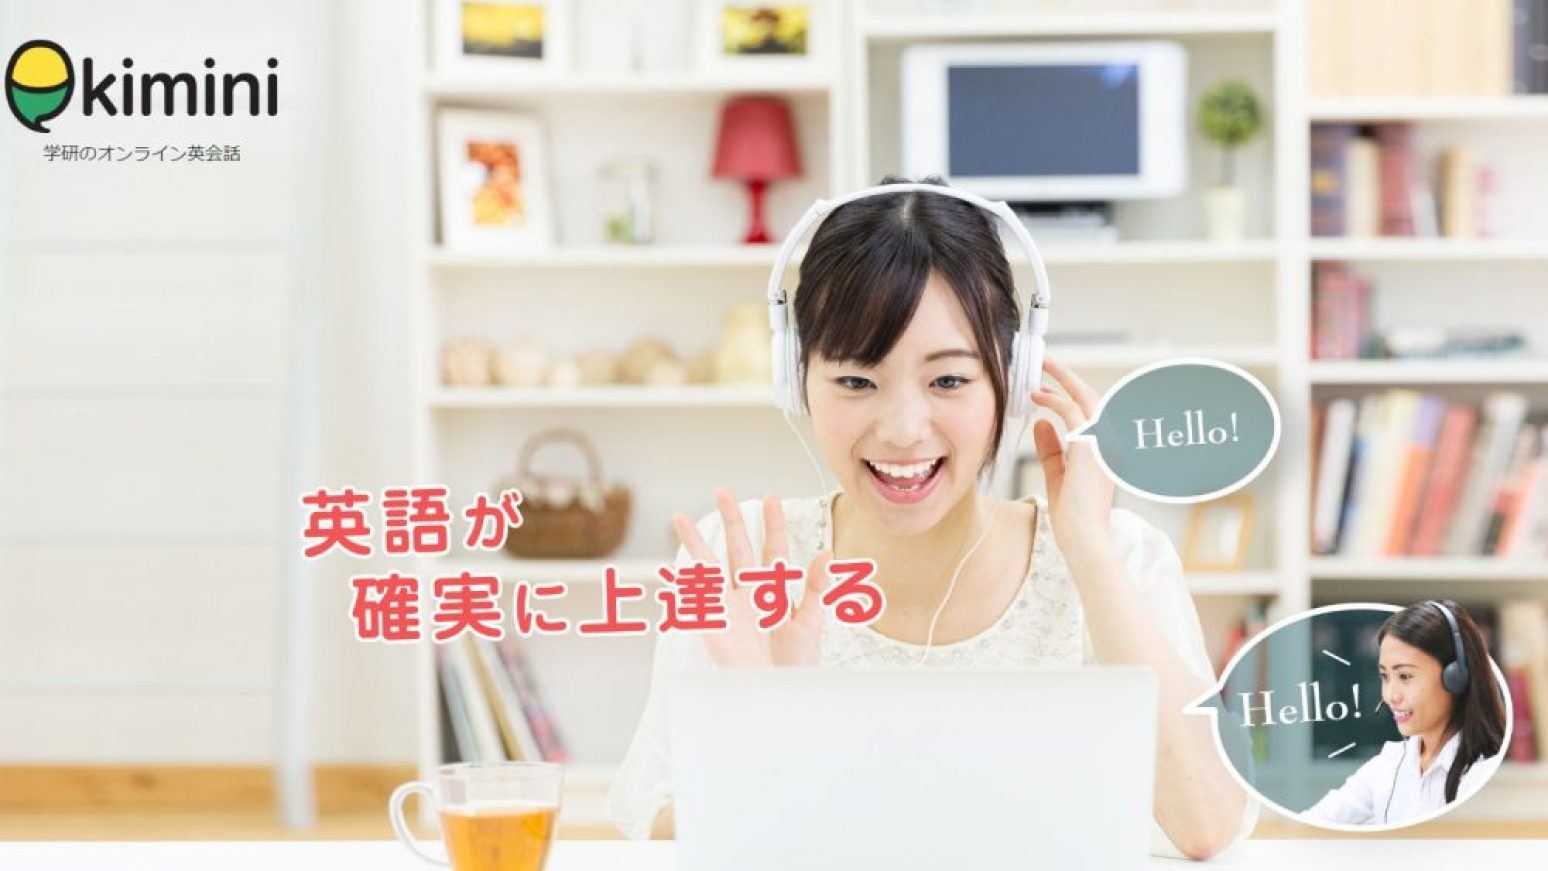 学研グループkimini英会話のホームページの画像